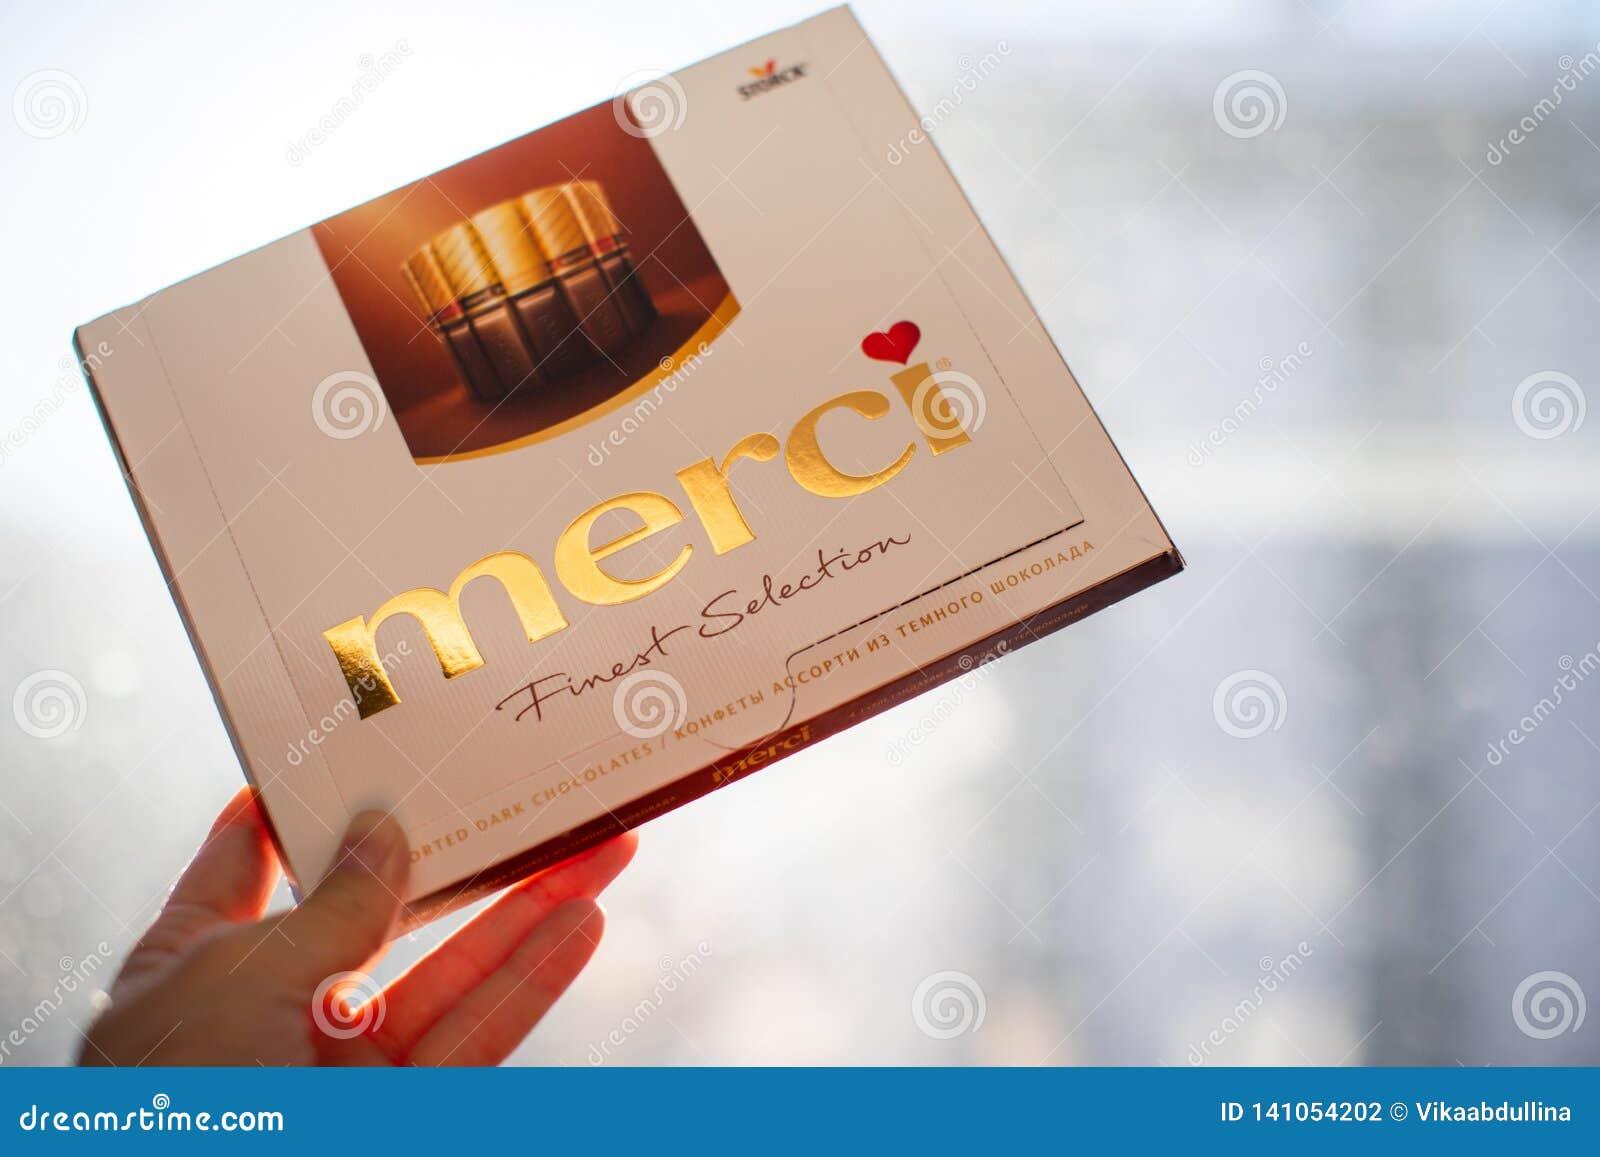 Mercichocolade - merk van chocoladesuikergoed door het Duitse die bedrijf August Storck wordt, in meer dan 70 landen wordt verkoc